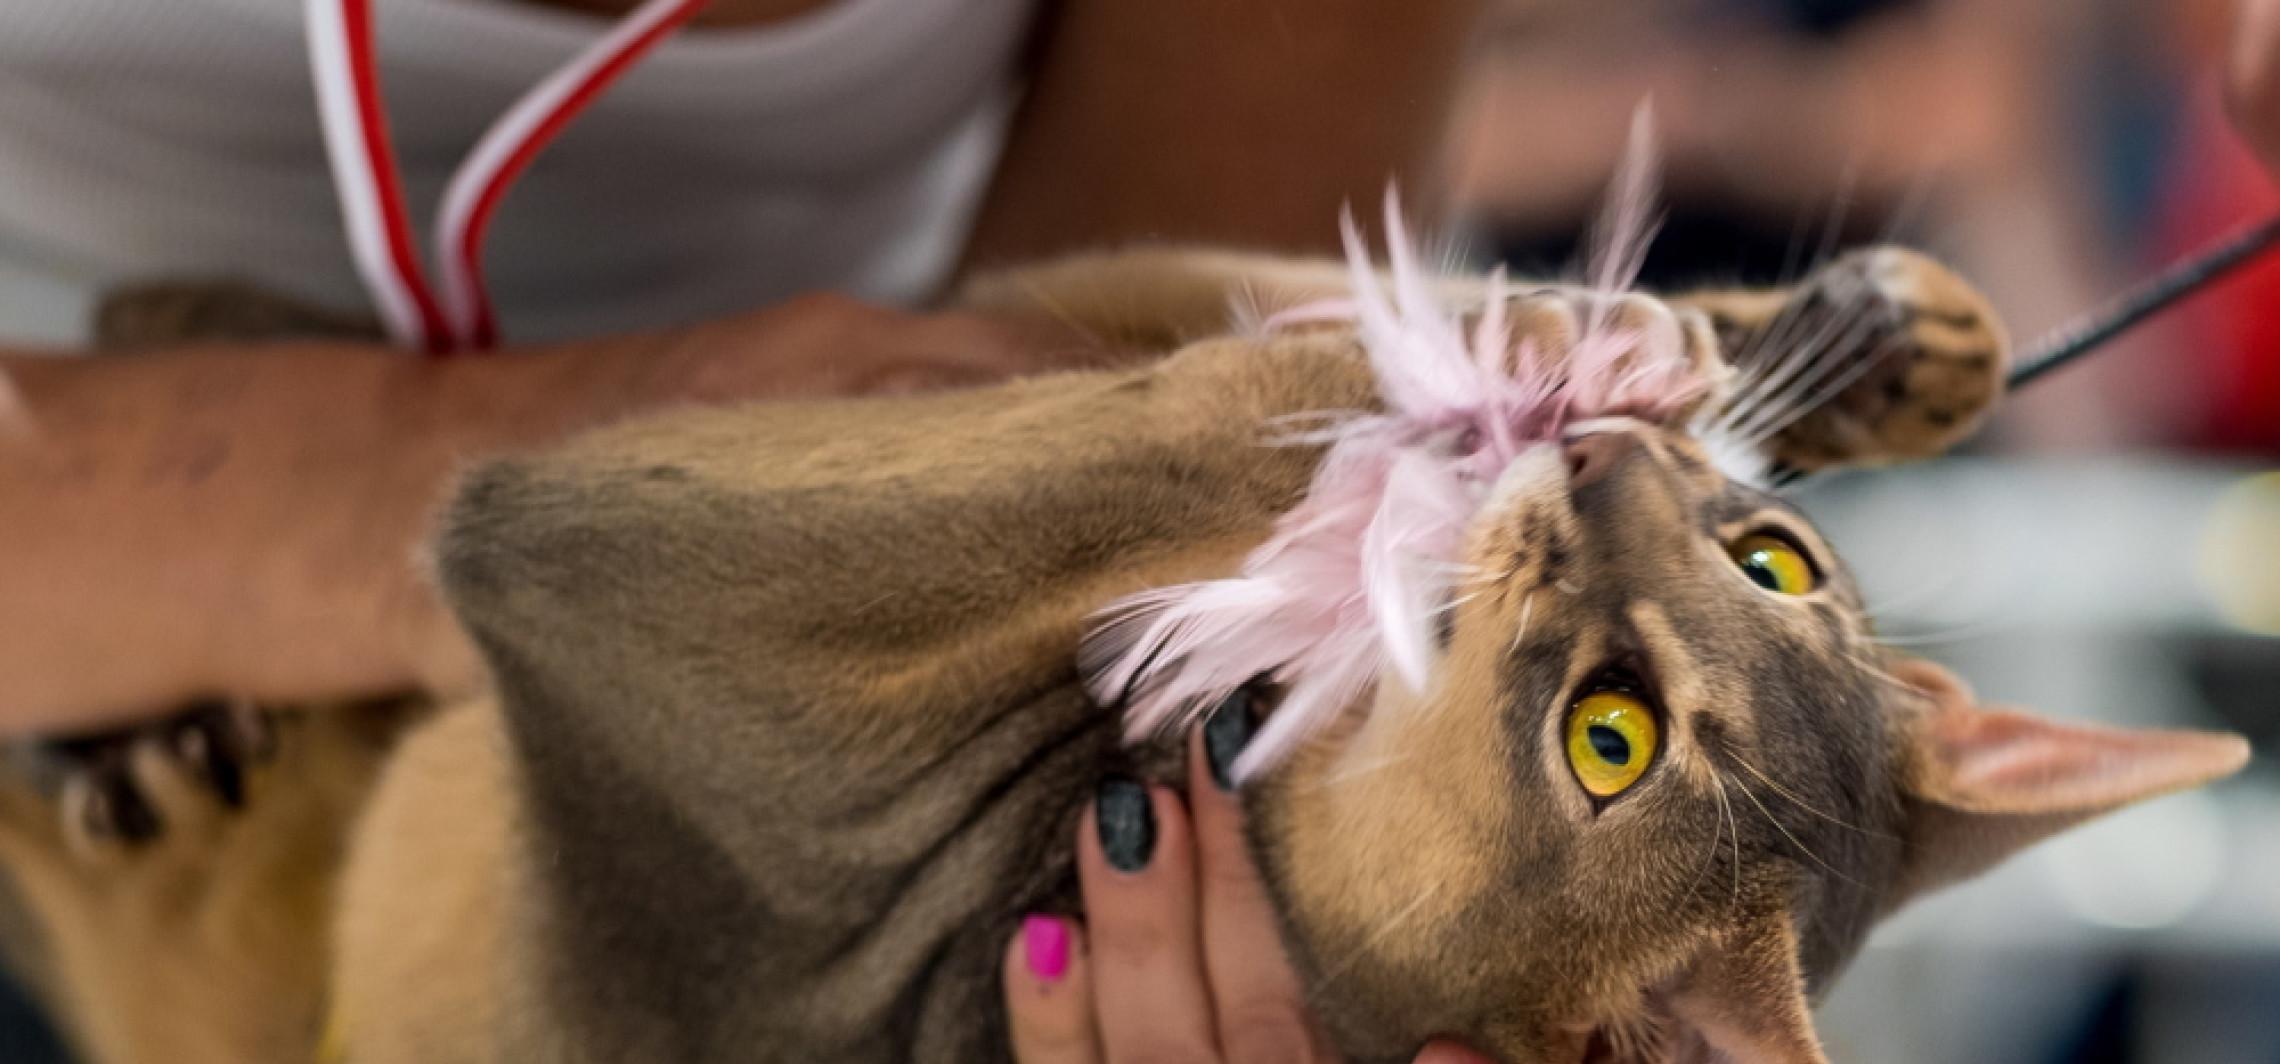 Osobowość kota jest związana z rasą